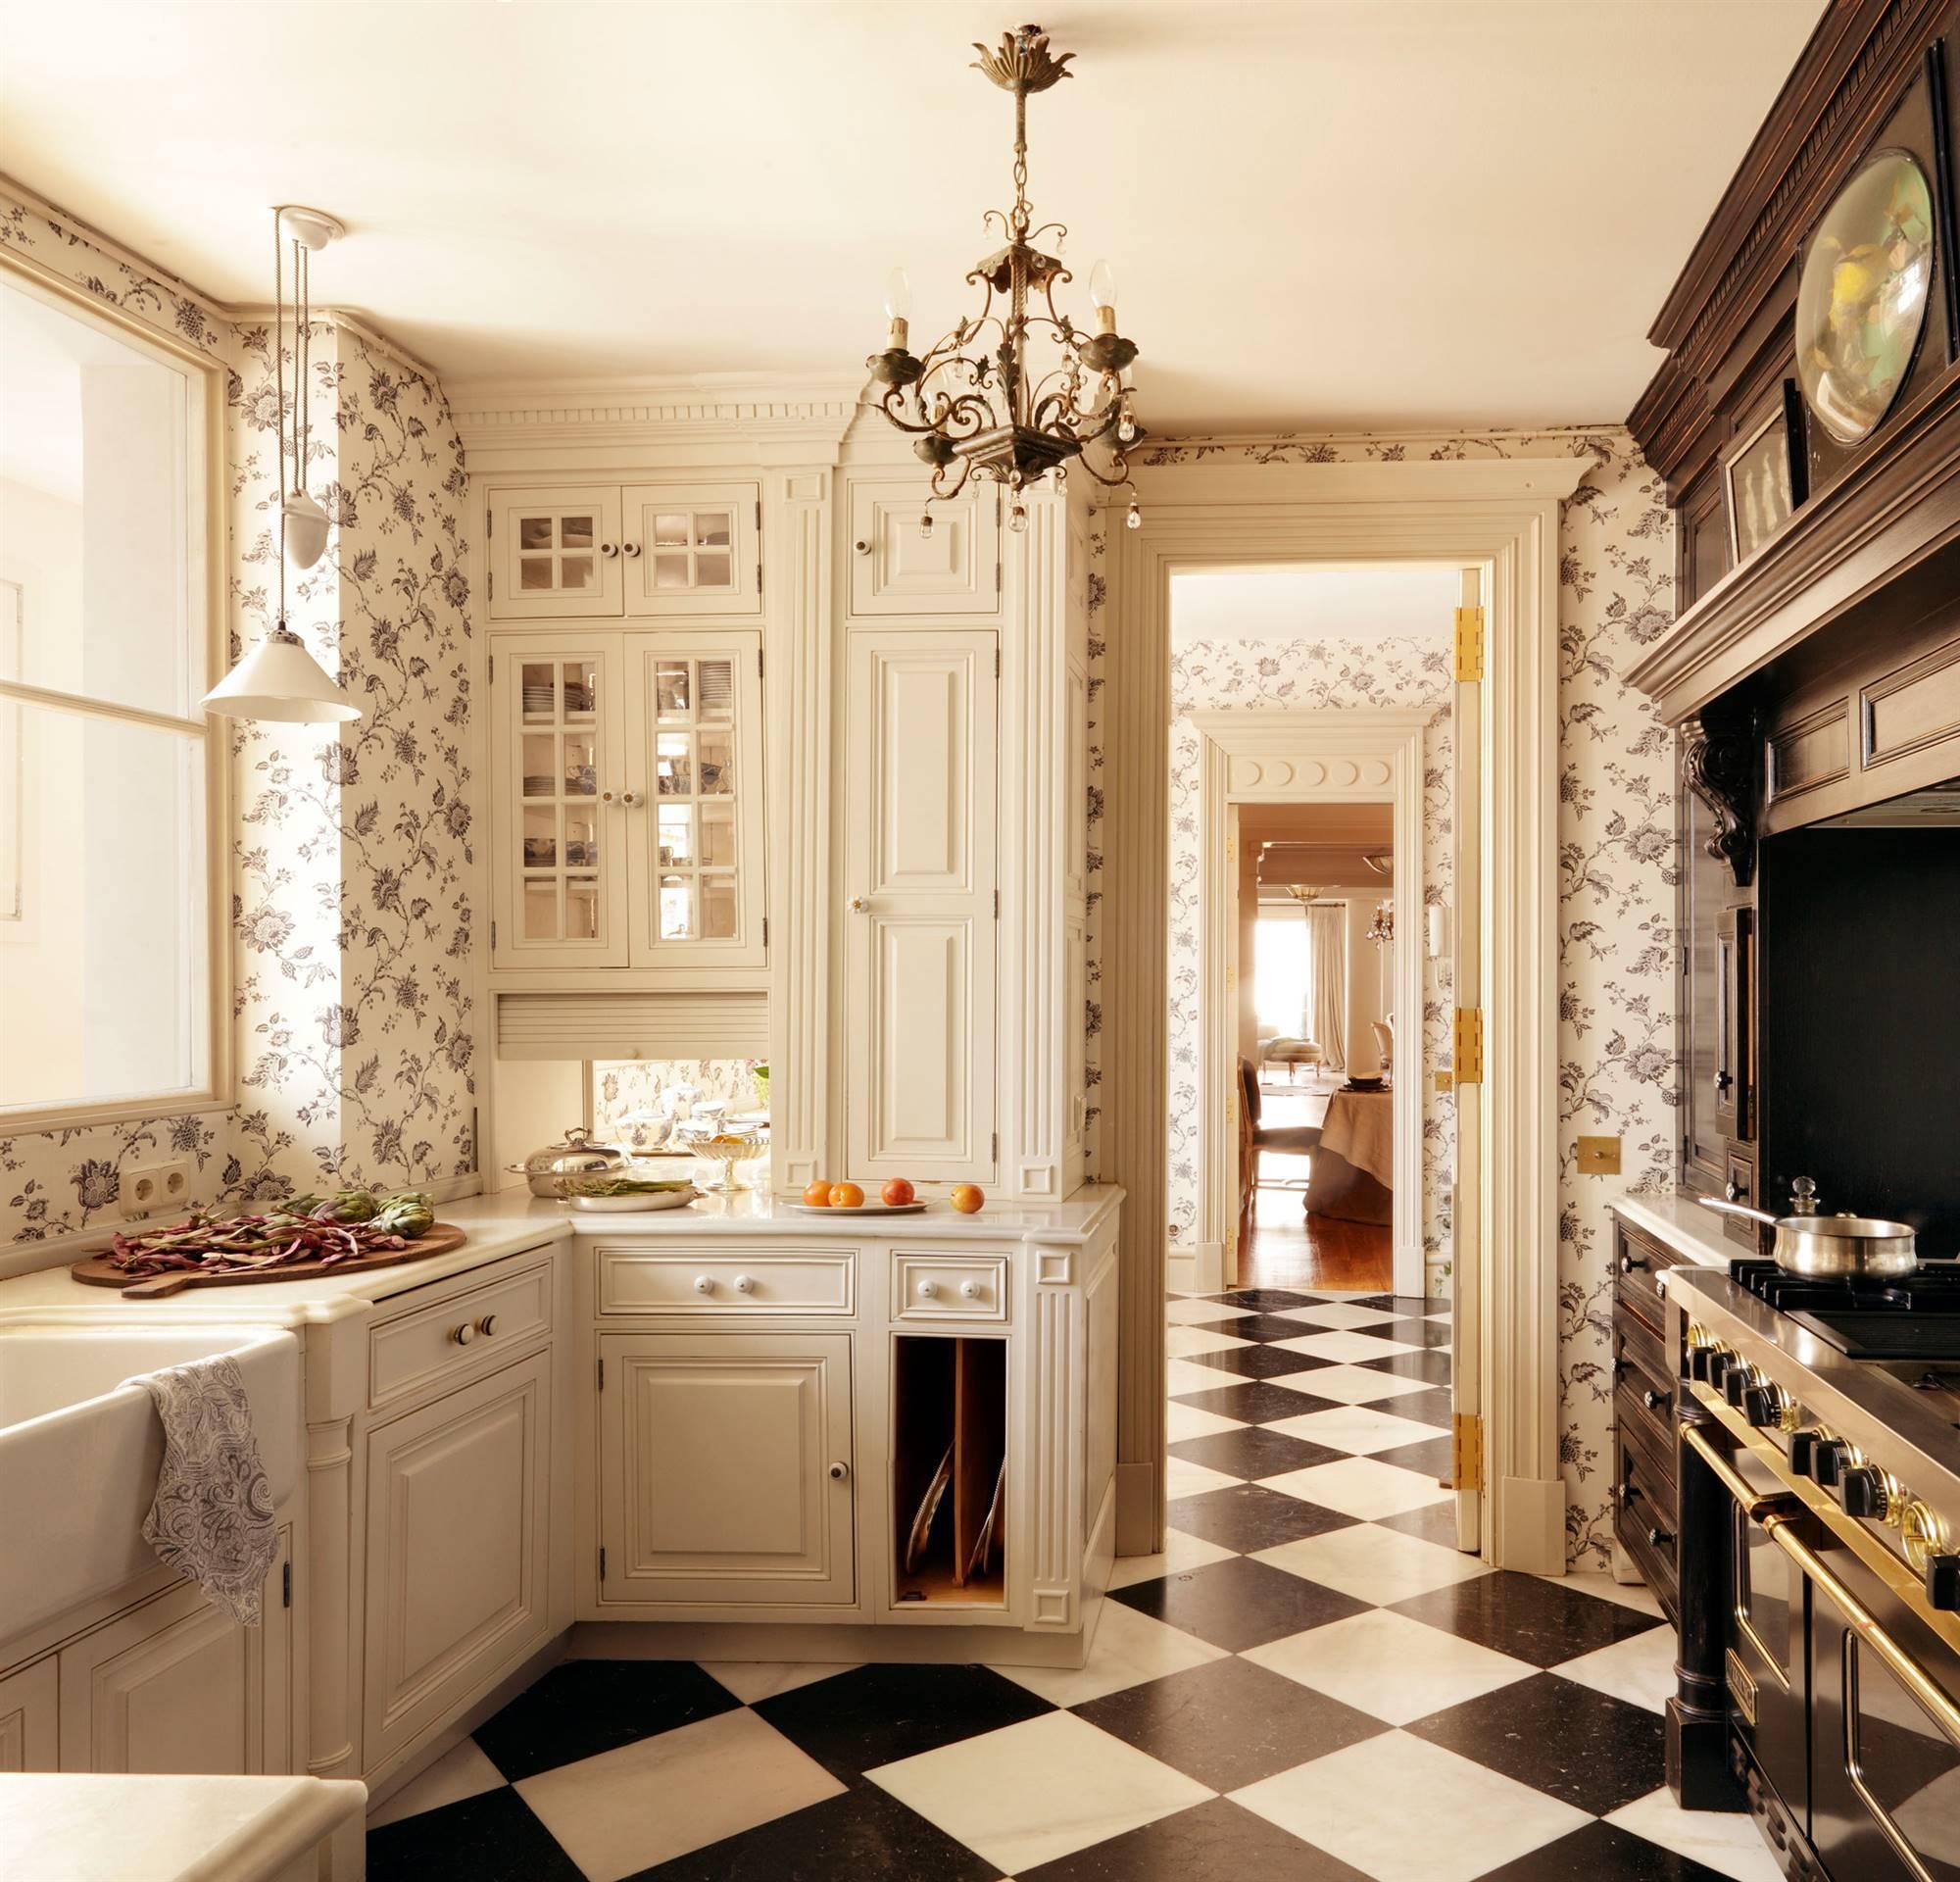 3480 fotos de cocinas - Cocinas blancas clasicas ...